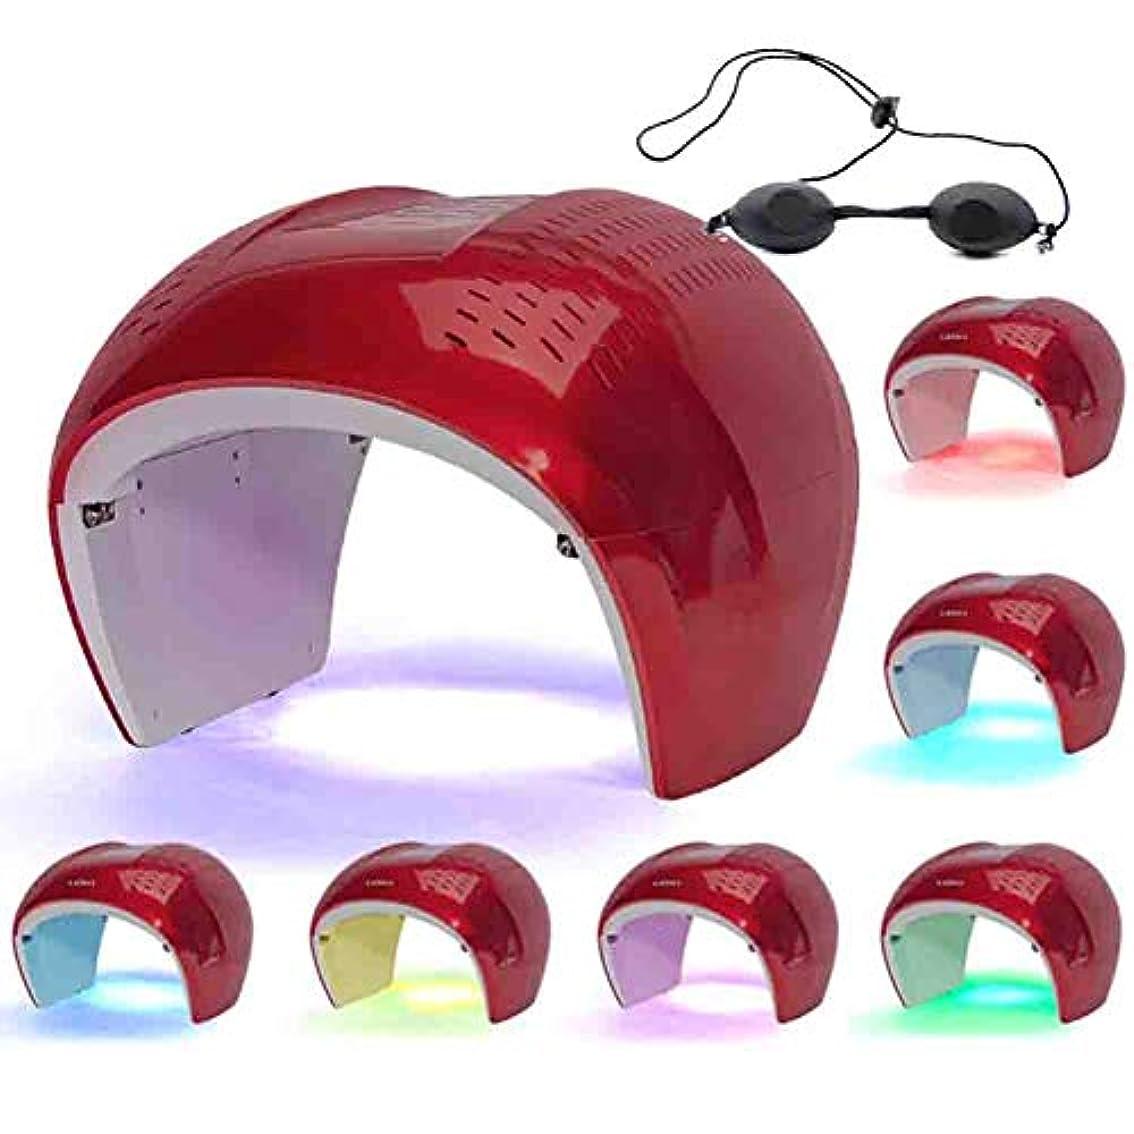 実行する早熟キノコ折り畳み式のライトセラピーはホームサロン使用7色のためのマシンPDTにきびしわアンチエイジングフェイシャルケア美容トリートメントマスク